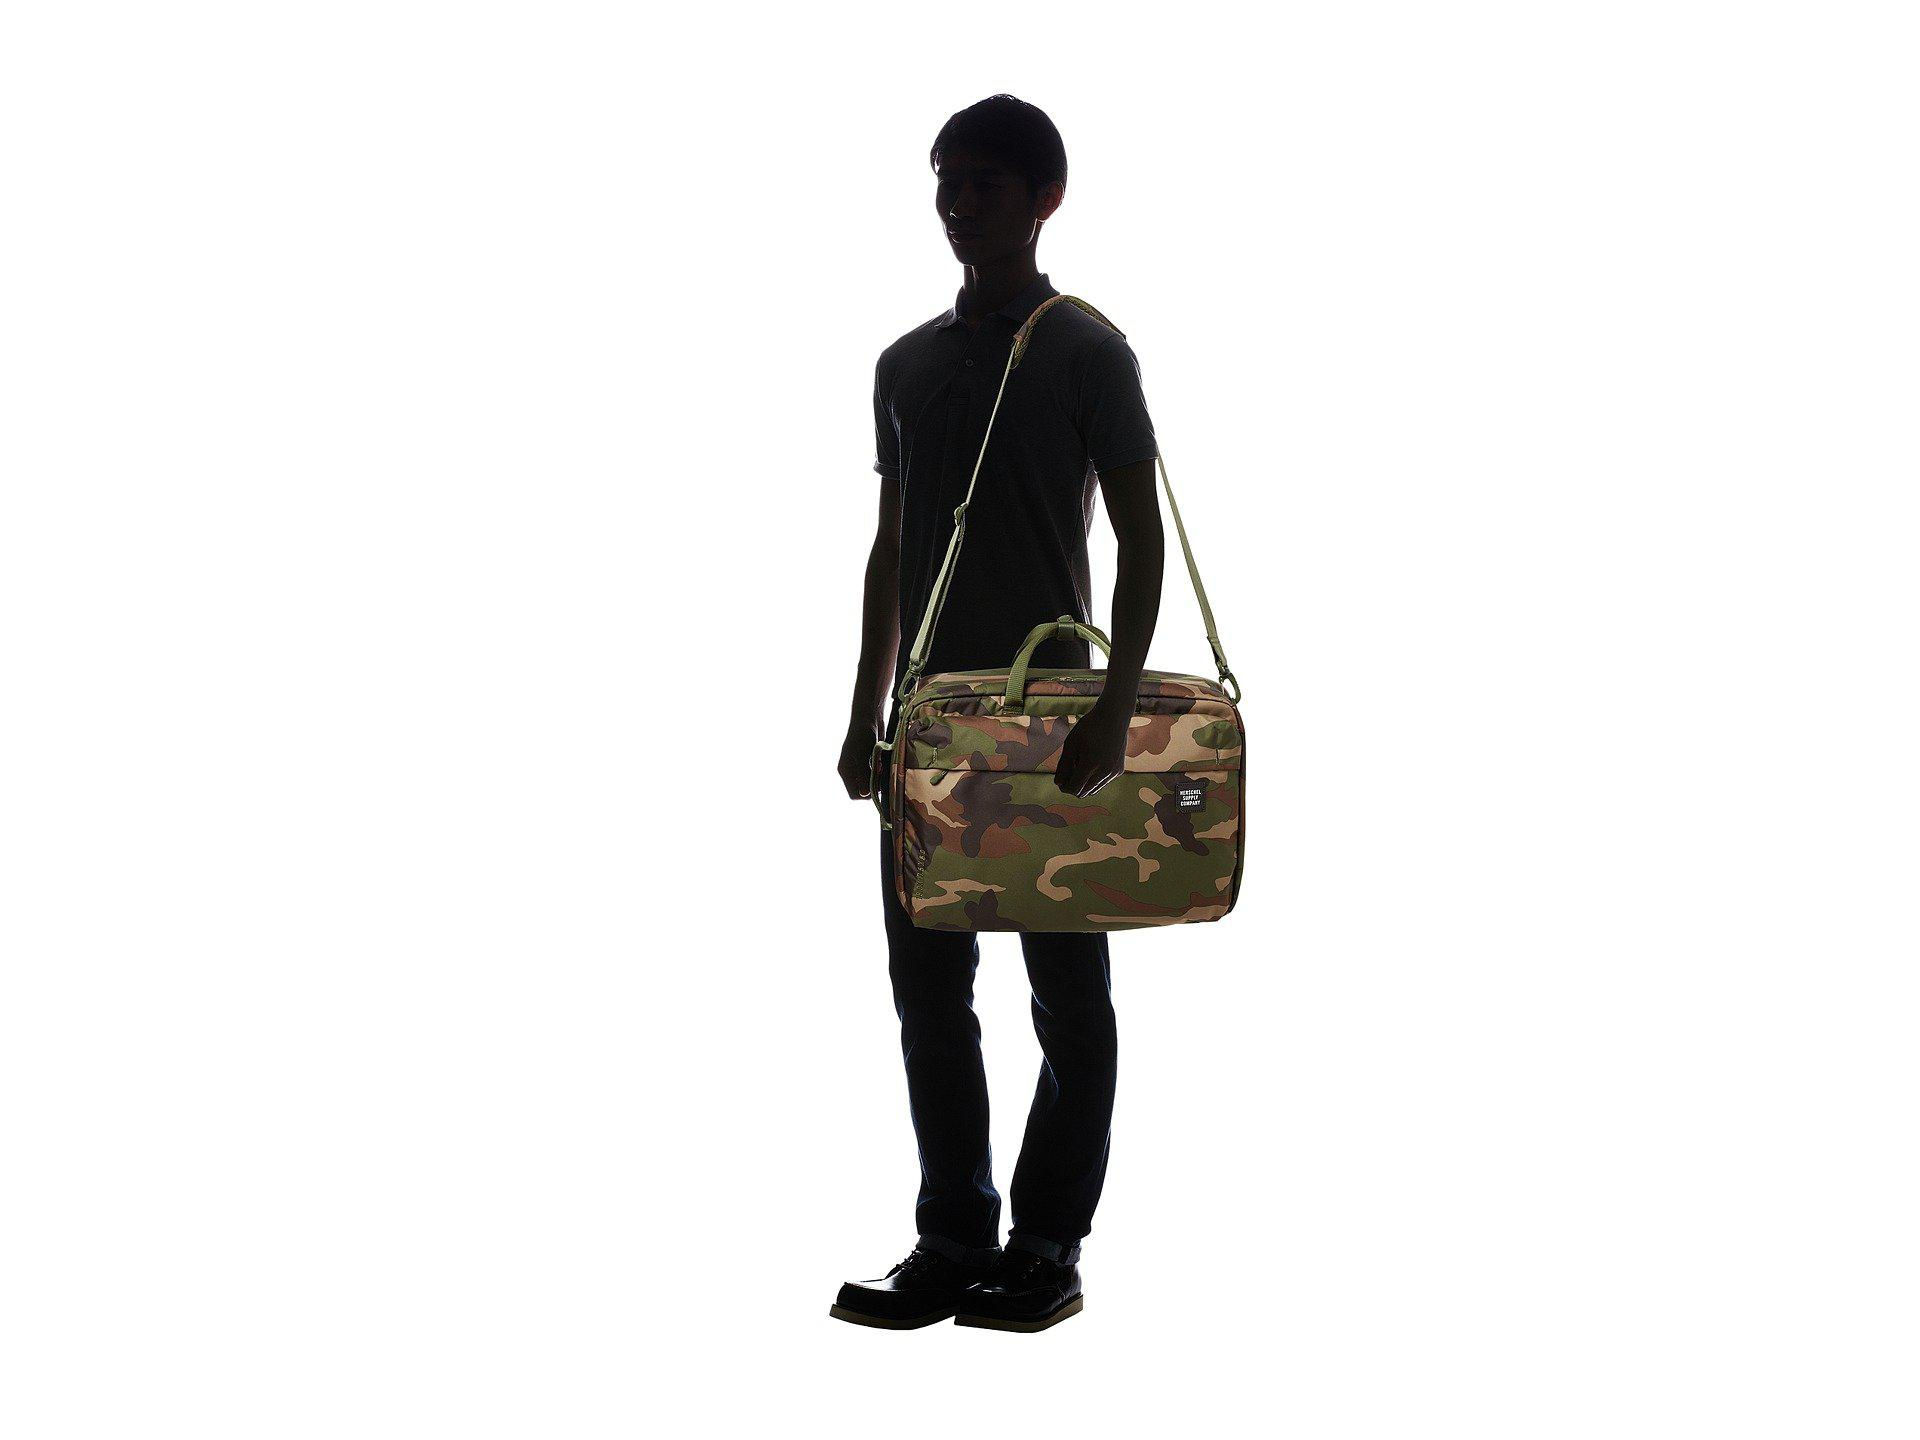 77dcaa0d9d2 Herschel Supply Co. - Green Britannia Xl (arrowwood) Messenger Bags for Men  -. View fullscreen